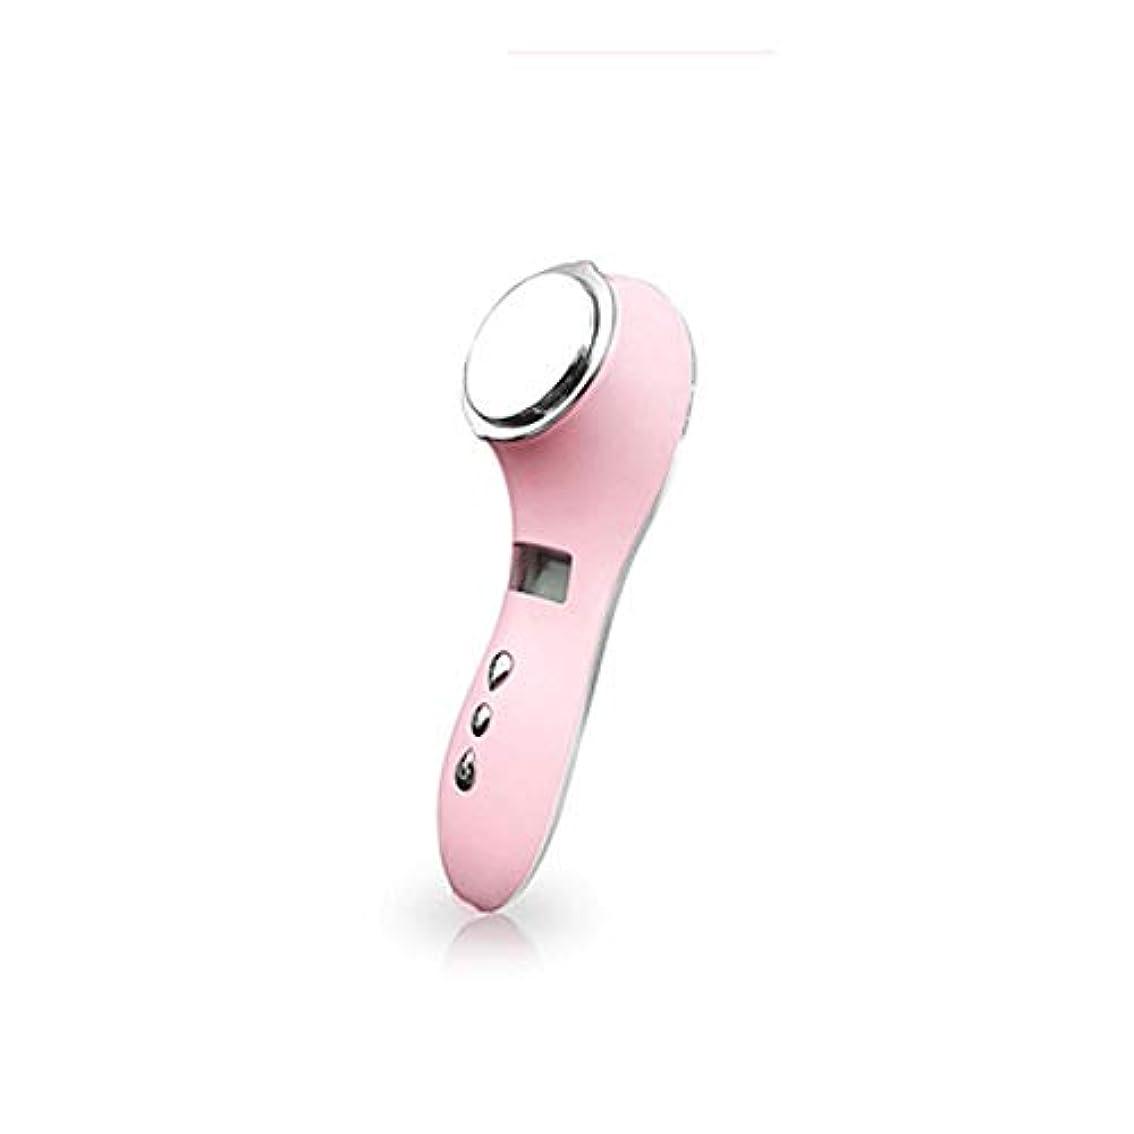 紛争デコレーションネブHEHUIHUI- クレンジングブラシ、ディープクレンジングフェイシャル、防水および振動クレンジングブラシ、アンチエイジング、やさしい角質除去、マッサージ(ホワイト) (Color : Pink)